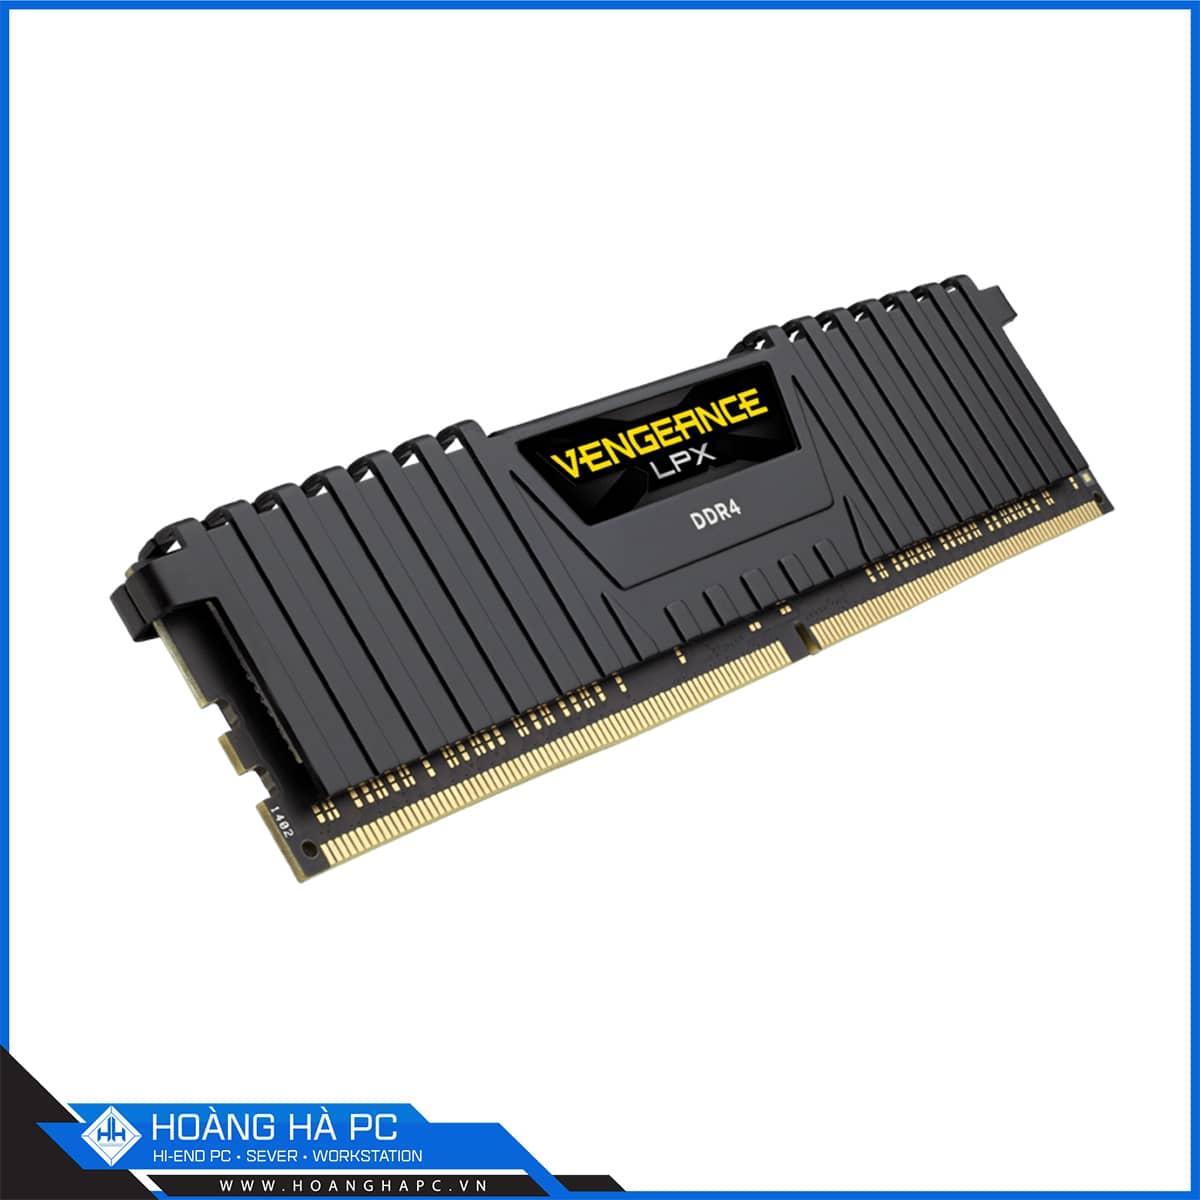 Corsair Vengeance LPX 16GB DDR4 3000MHz